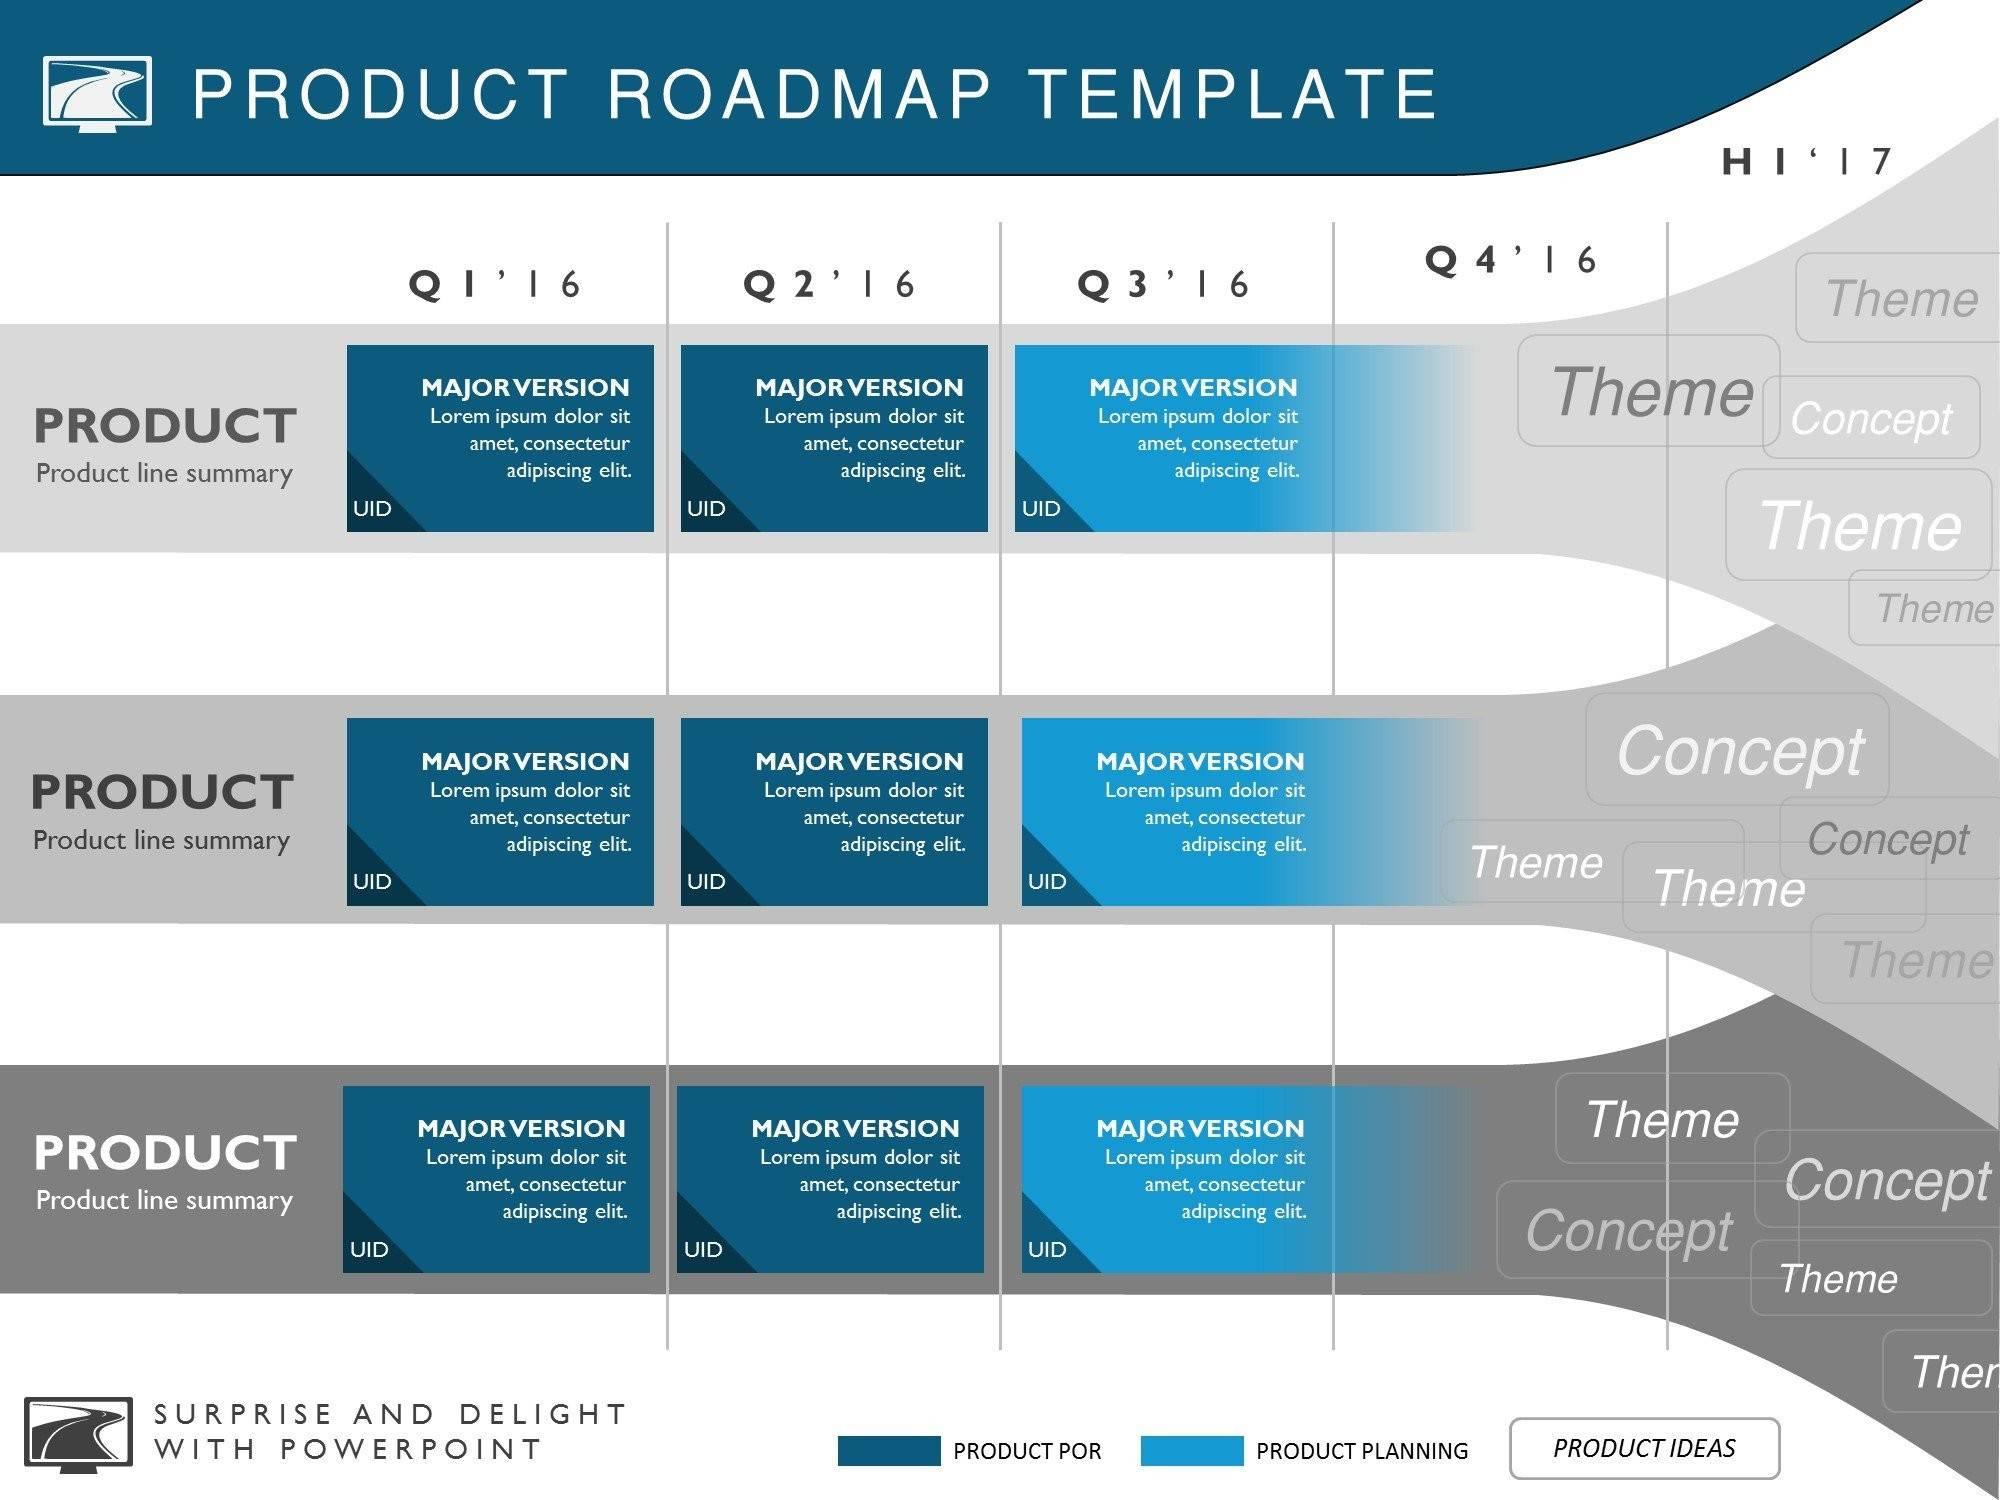 Sample Roadmap Templates